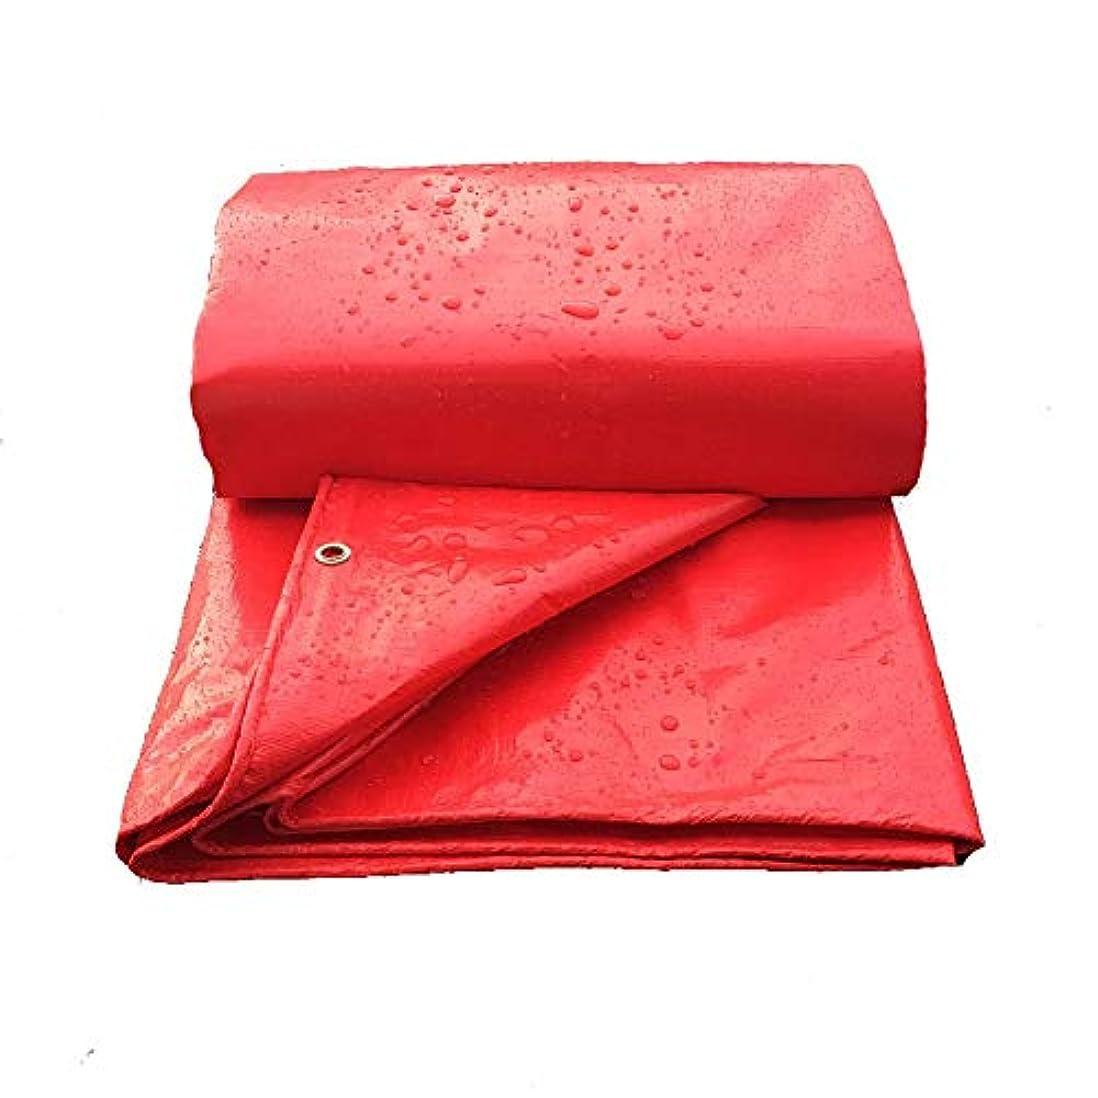 お母さん不機嫌そうな契約19-yiruculture 防水布防水防水防水シート、カーゴ日焼け止め断熱活動の広がり、防塵、防風、耐摩耗性とアンチエイジング、 (Color : 赤, サイズ : 6x10M)